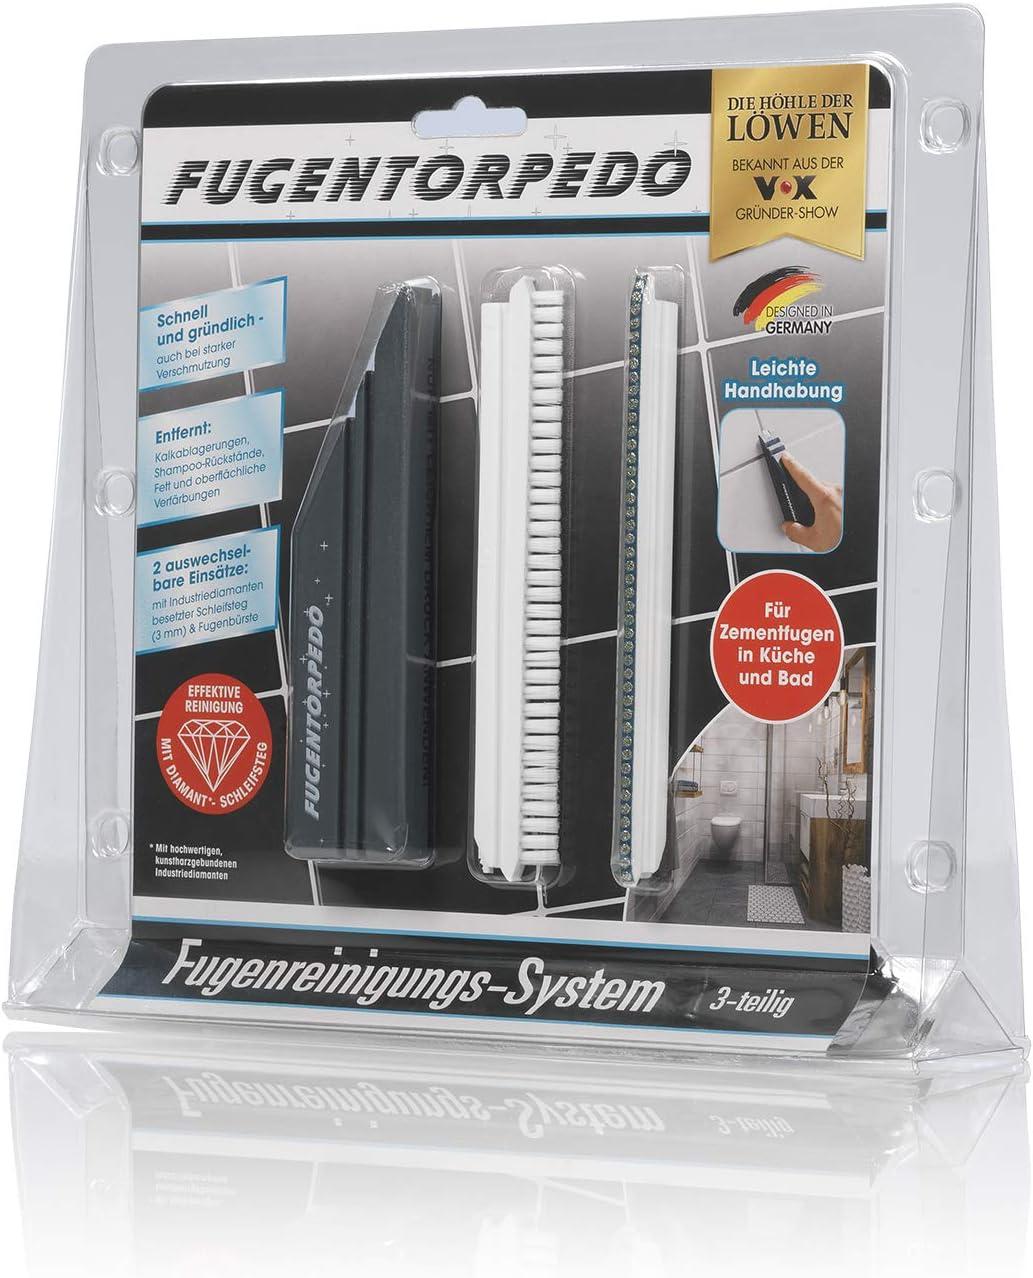 Effektive Fugenreinigung F/ür Zementfugen in K/üche und Bad Fugentorpedo 00863 Basis-Set Griff Schwarz One Size Fugenb/ürste /& 1x Schleifsteg 3mm